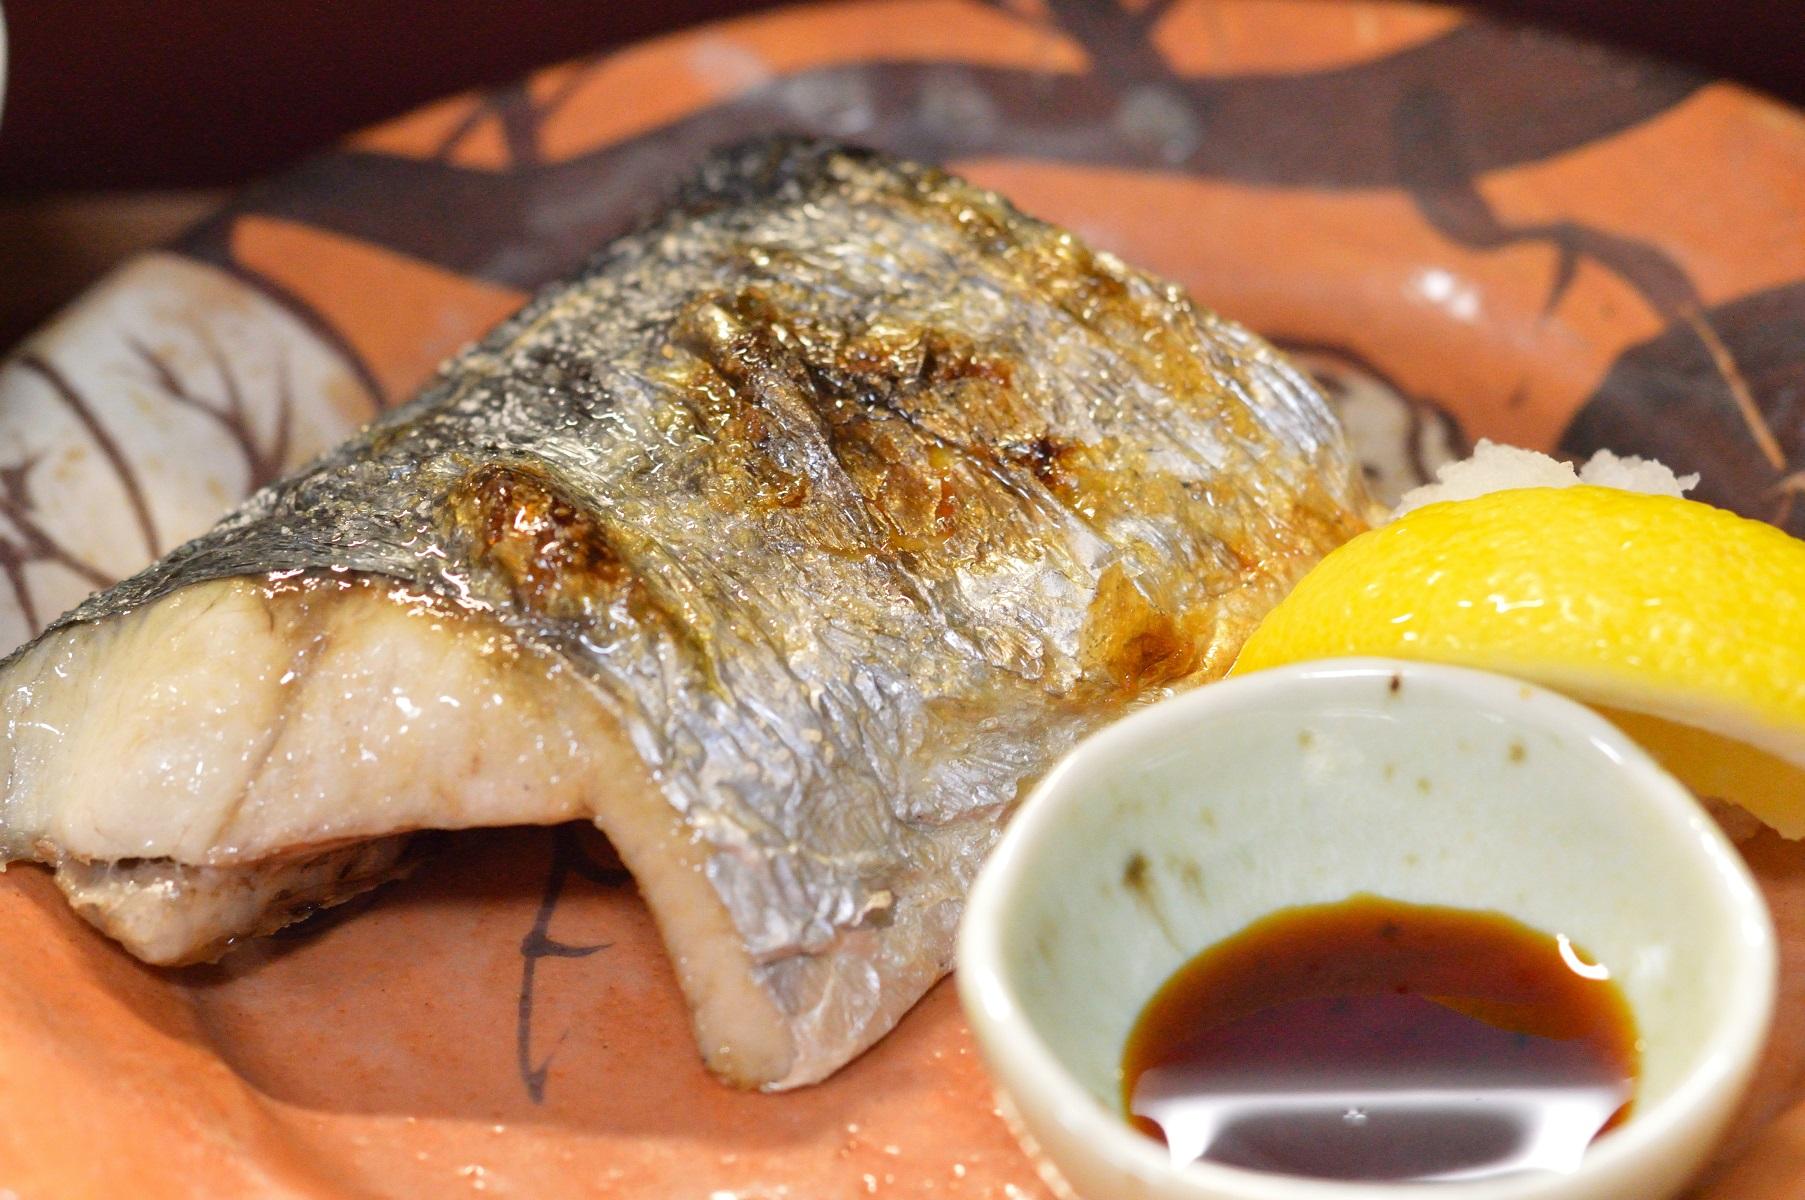 015_茨城県ひたちなか市 たがや02 焼き魚定食